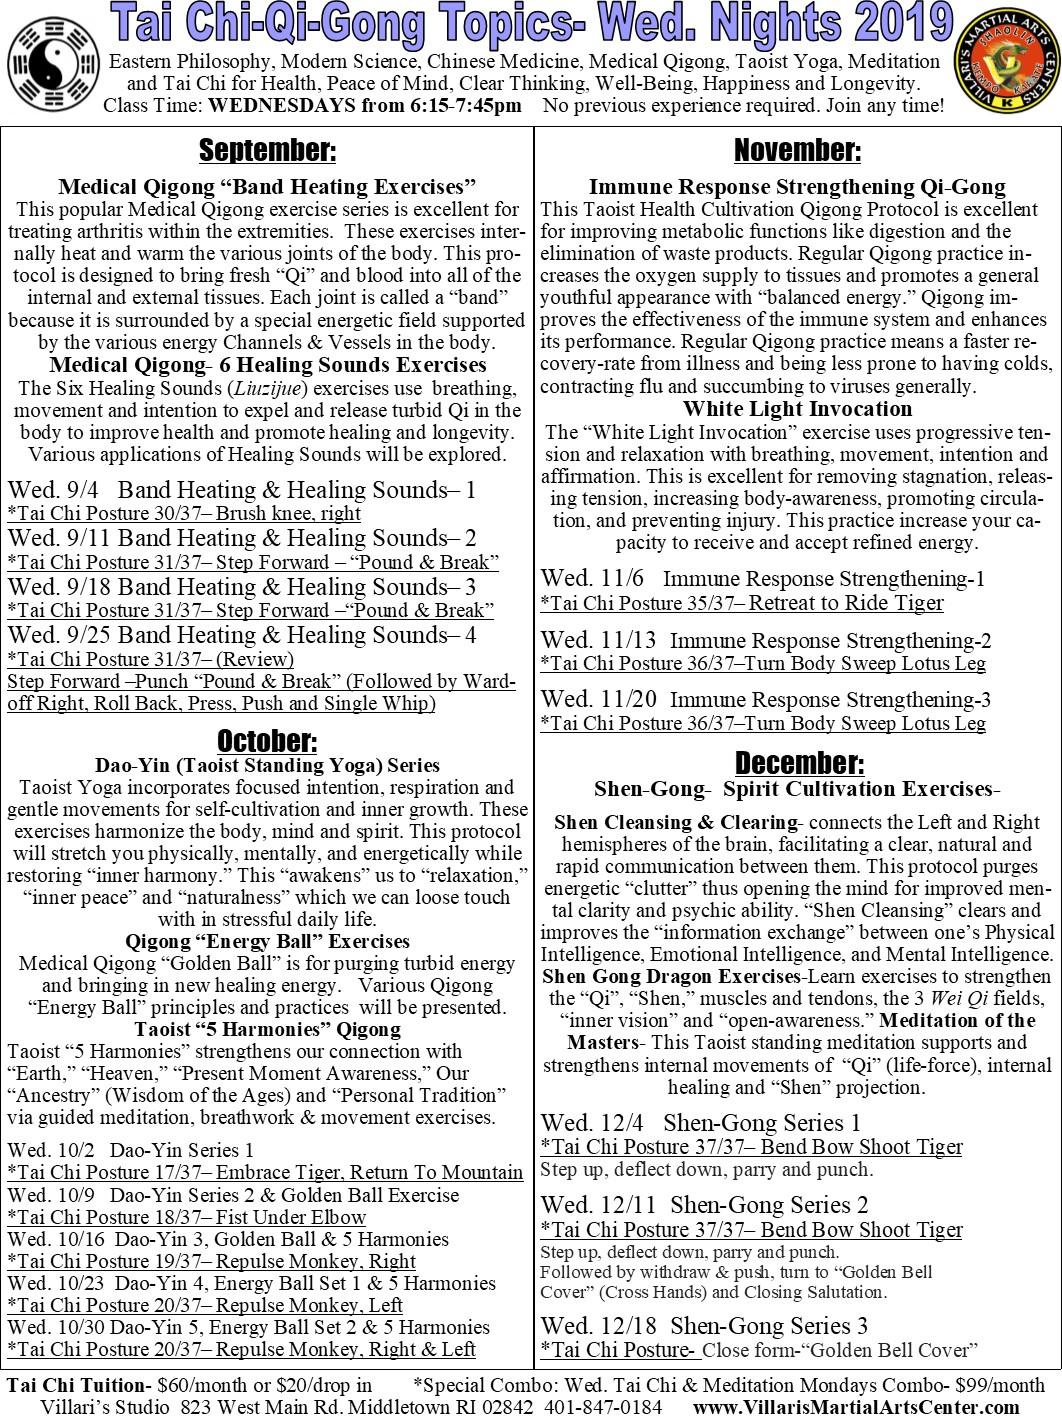 VMAC Tai Chi and Qi-Gong programs